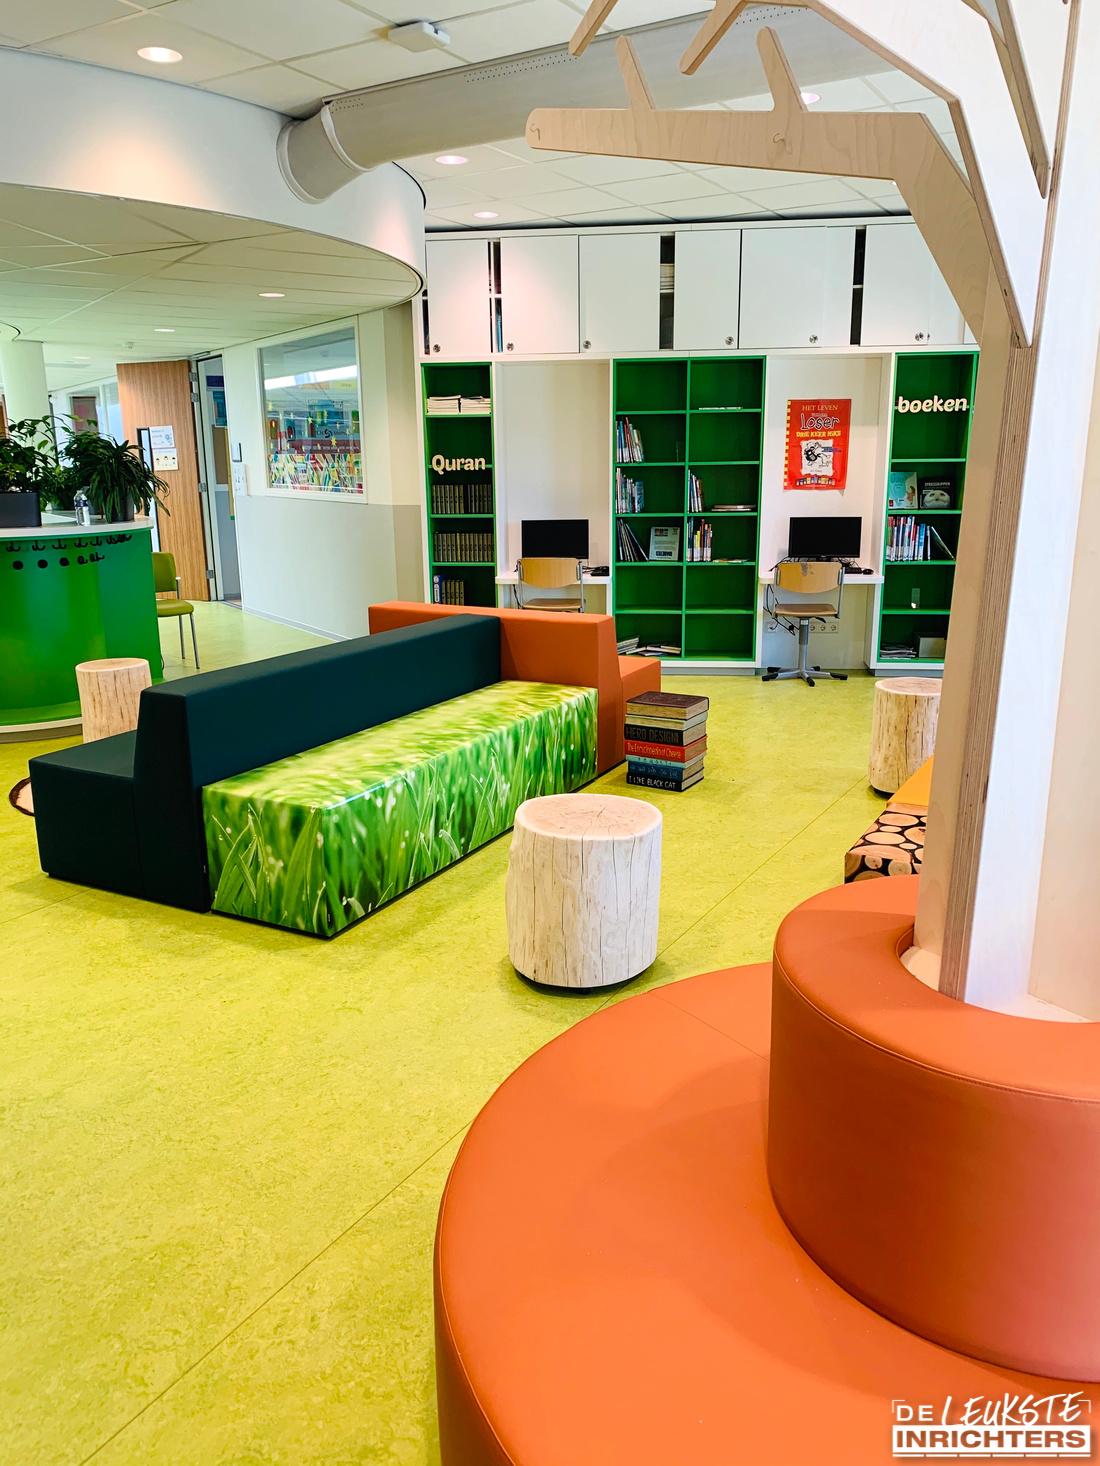 An Noer inrichting bibliotheek zitelement gras